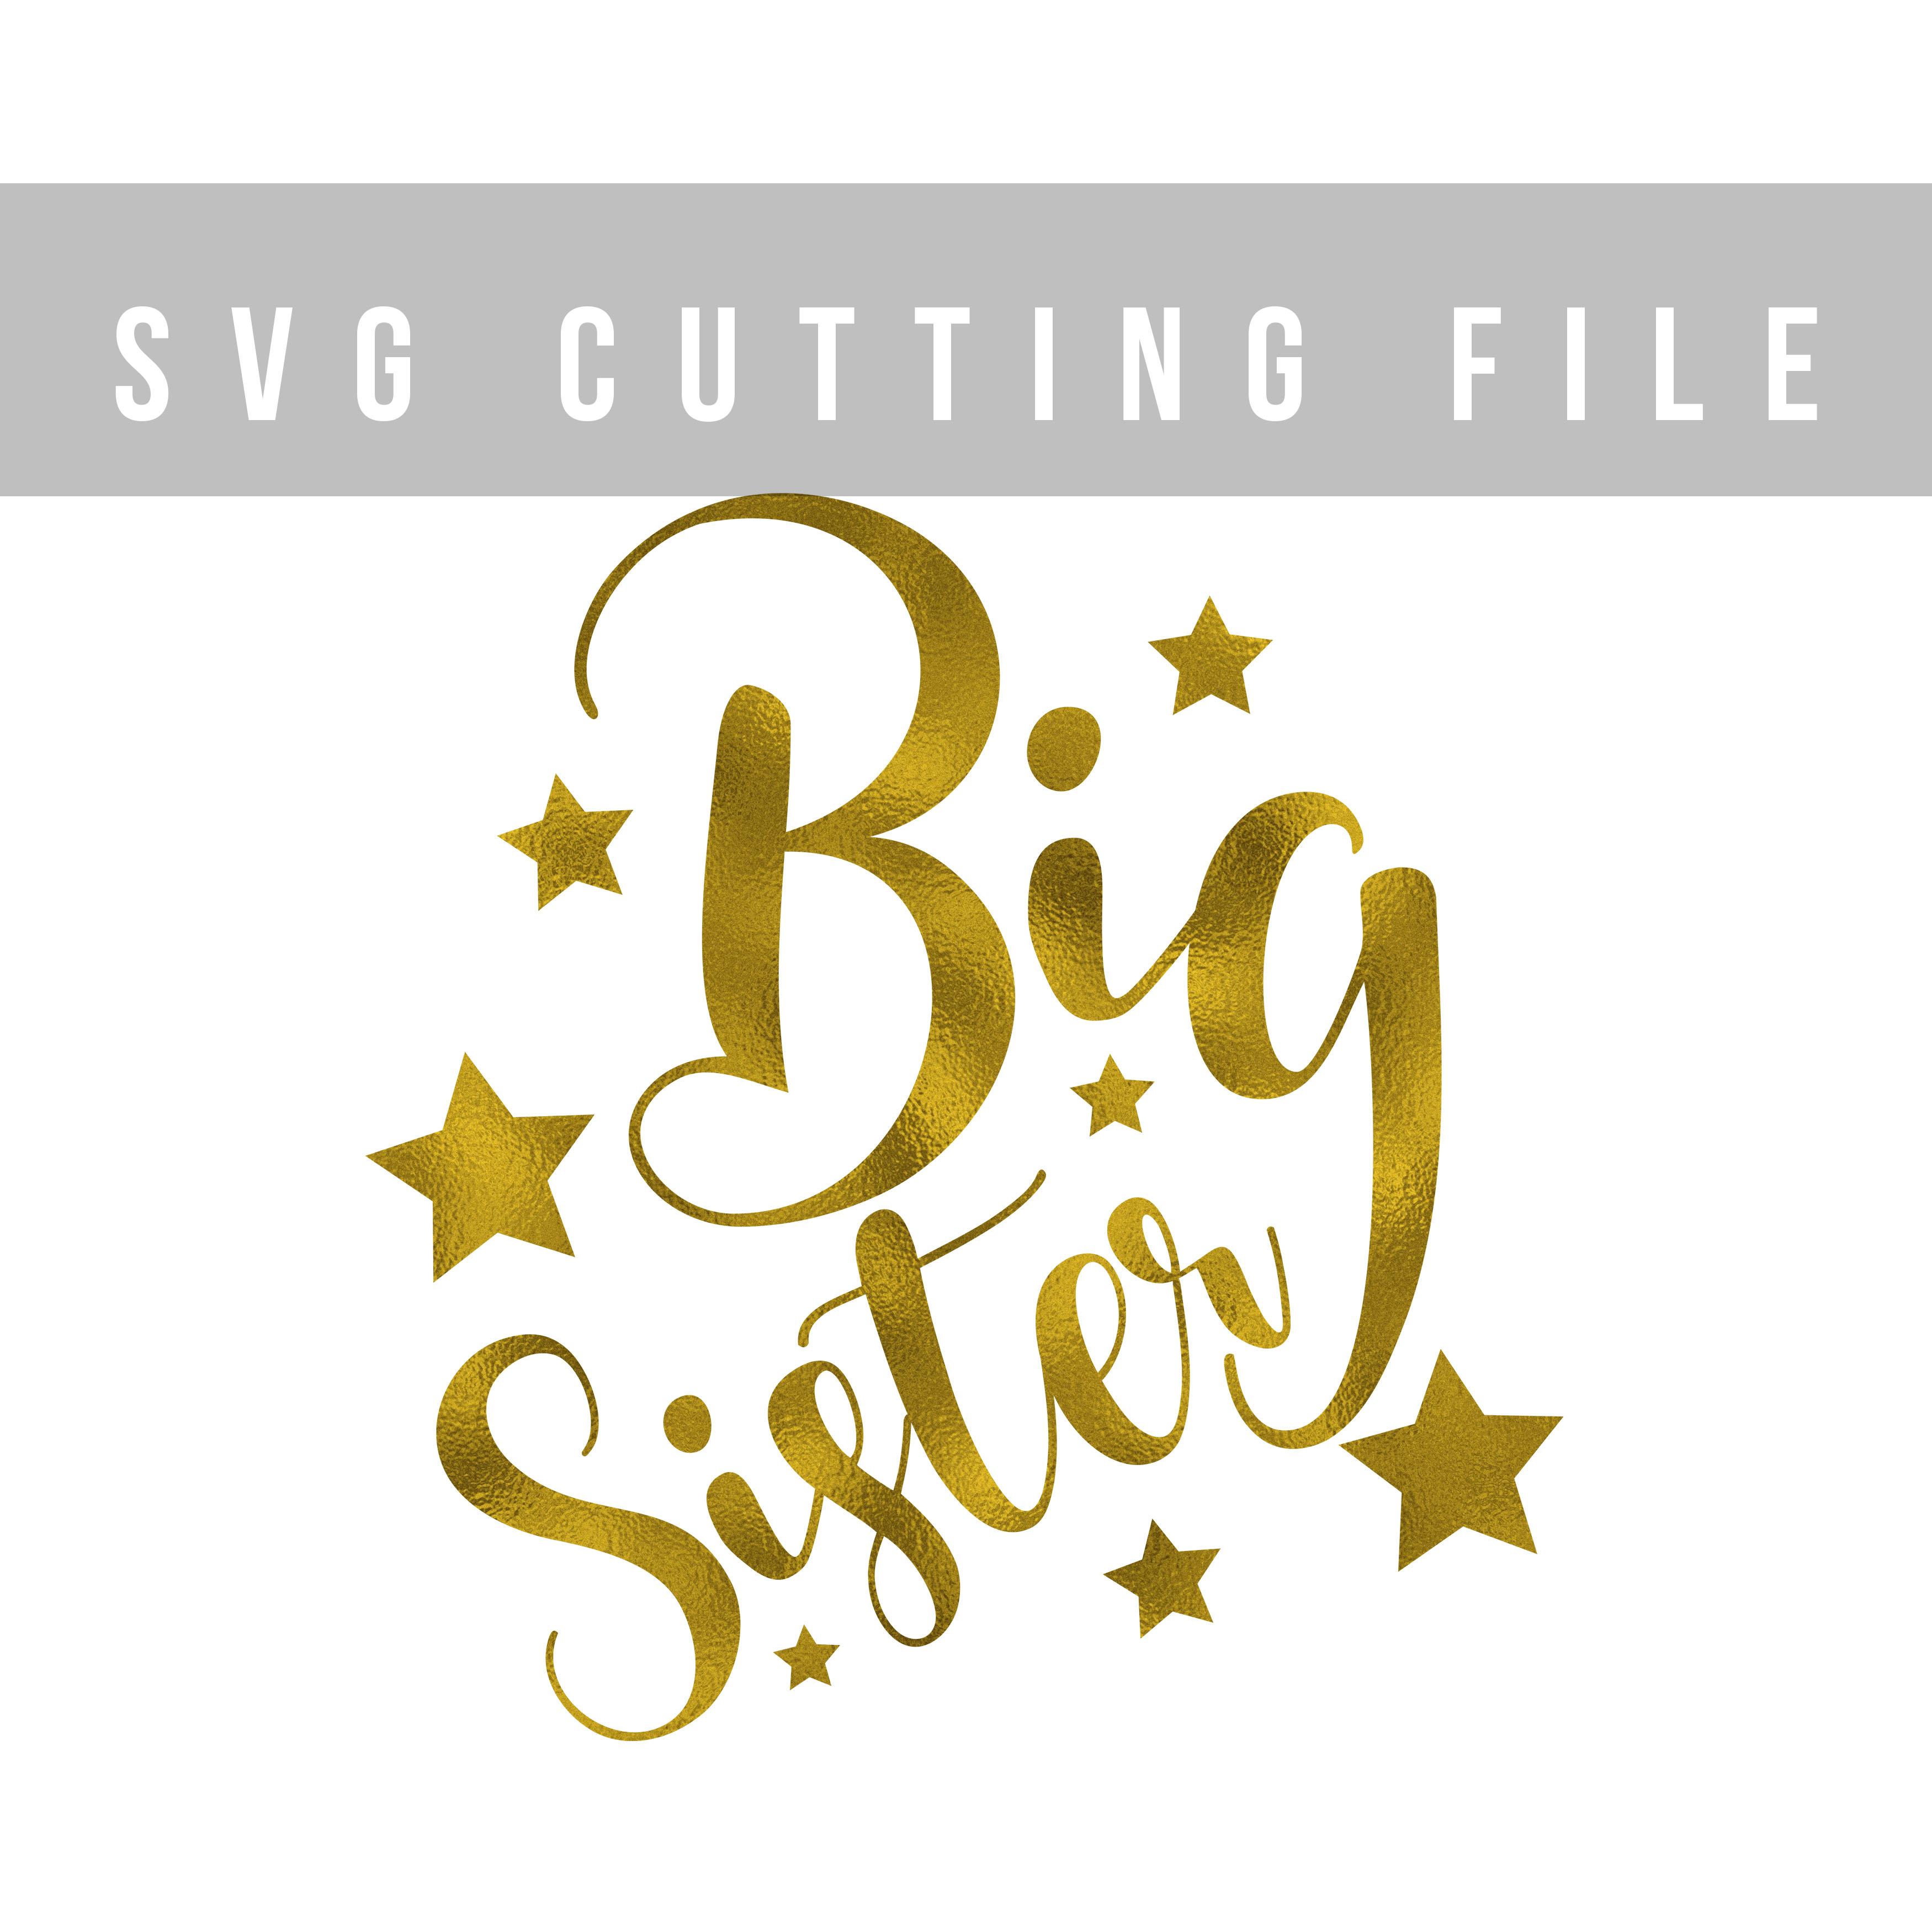 Big sister SVG EPS PNG DXF, Kids svg file, Girl svg design example image 2